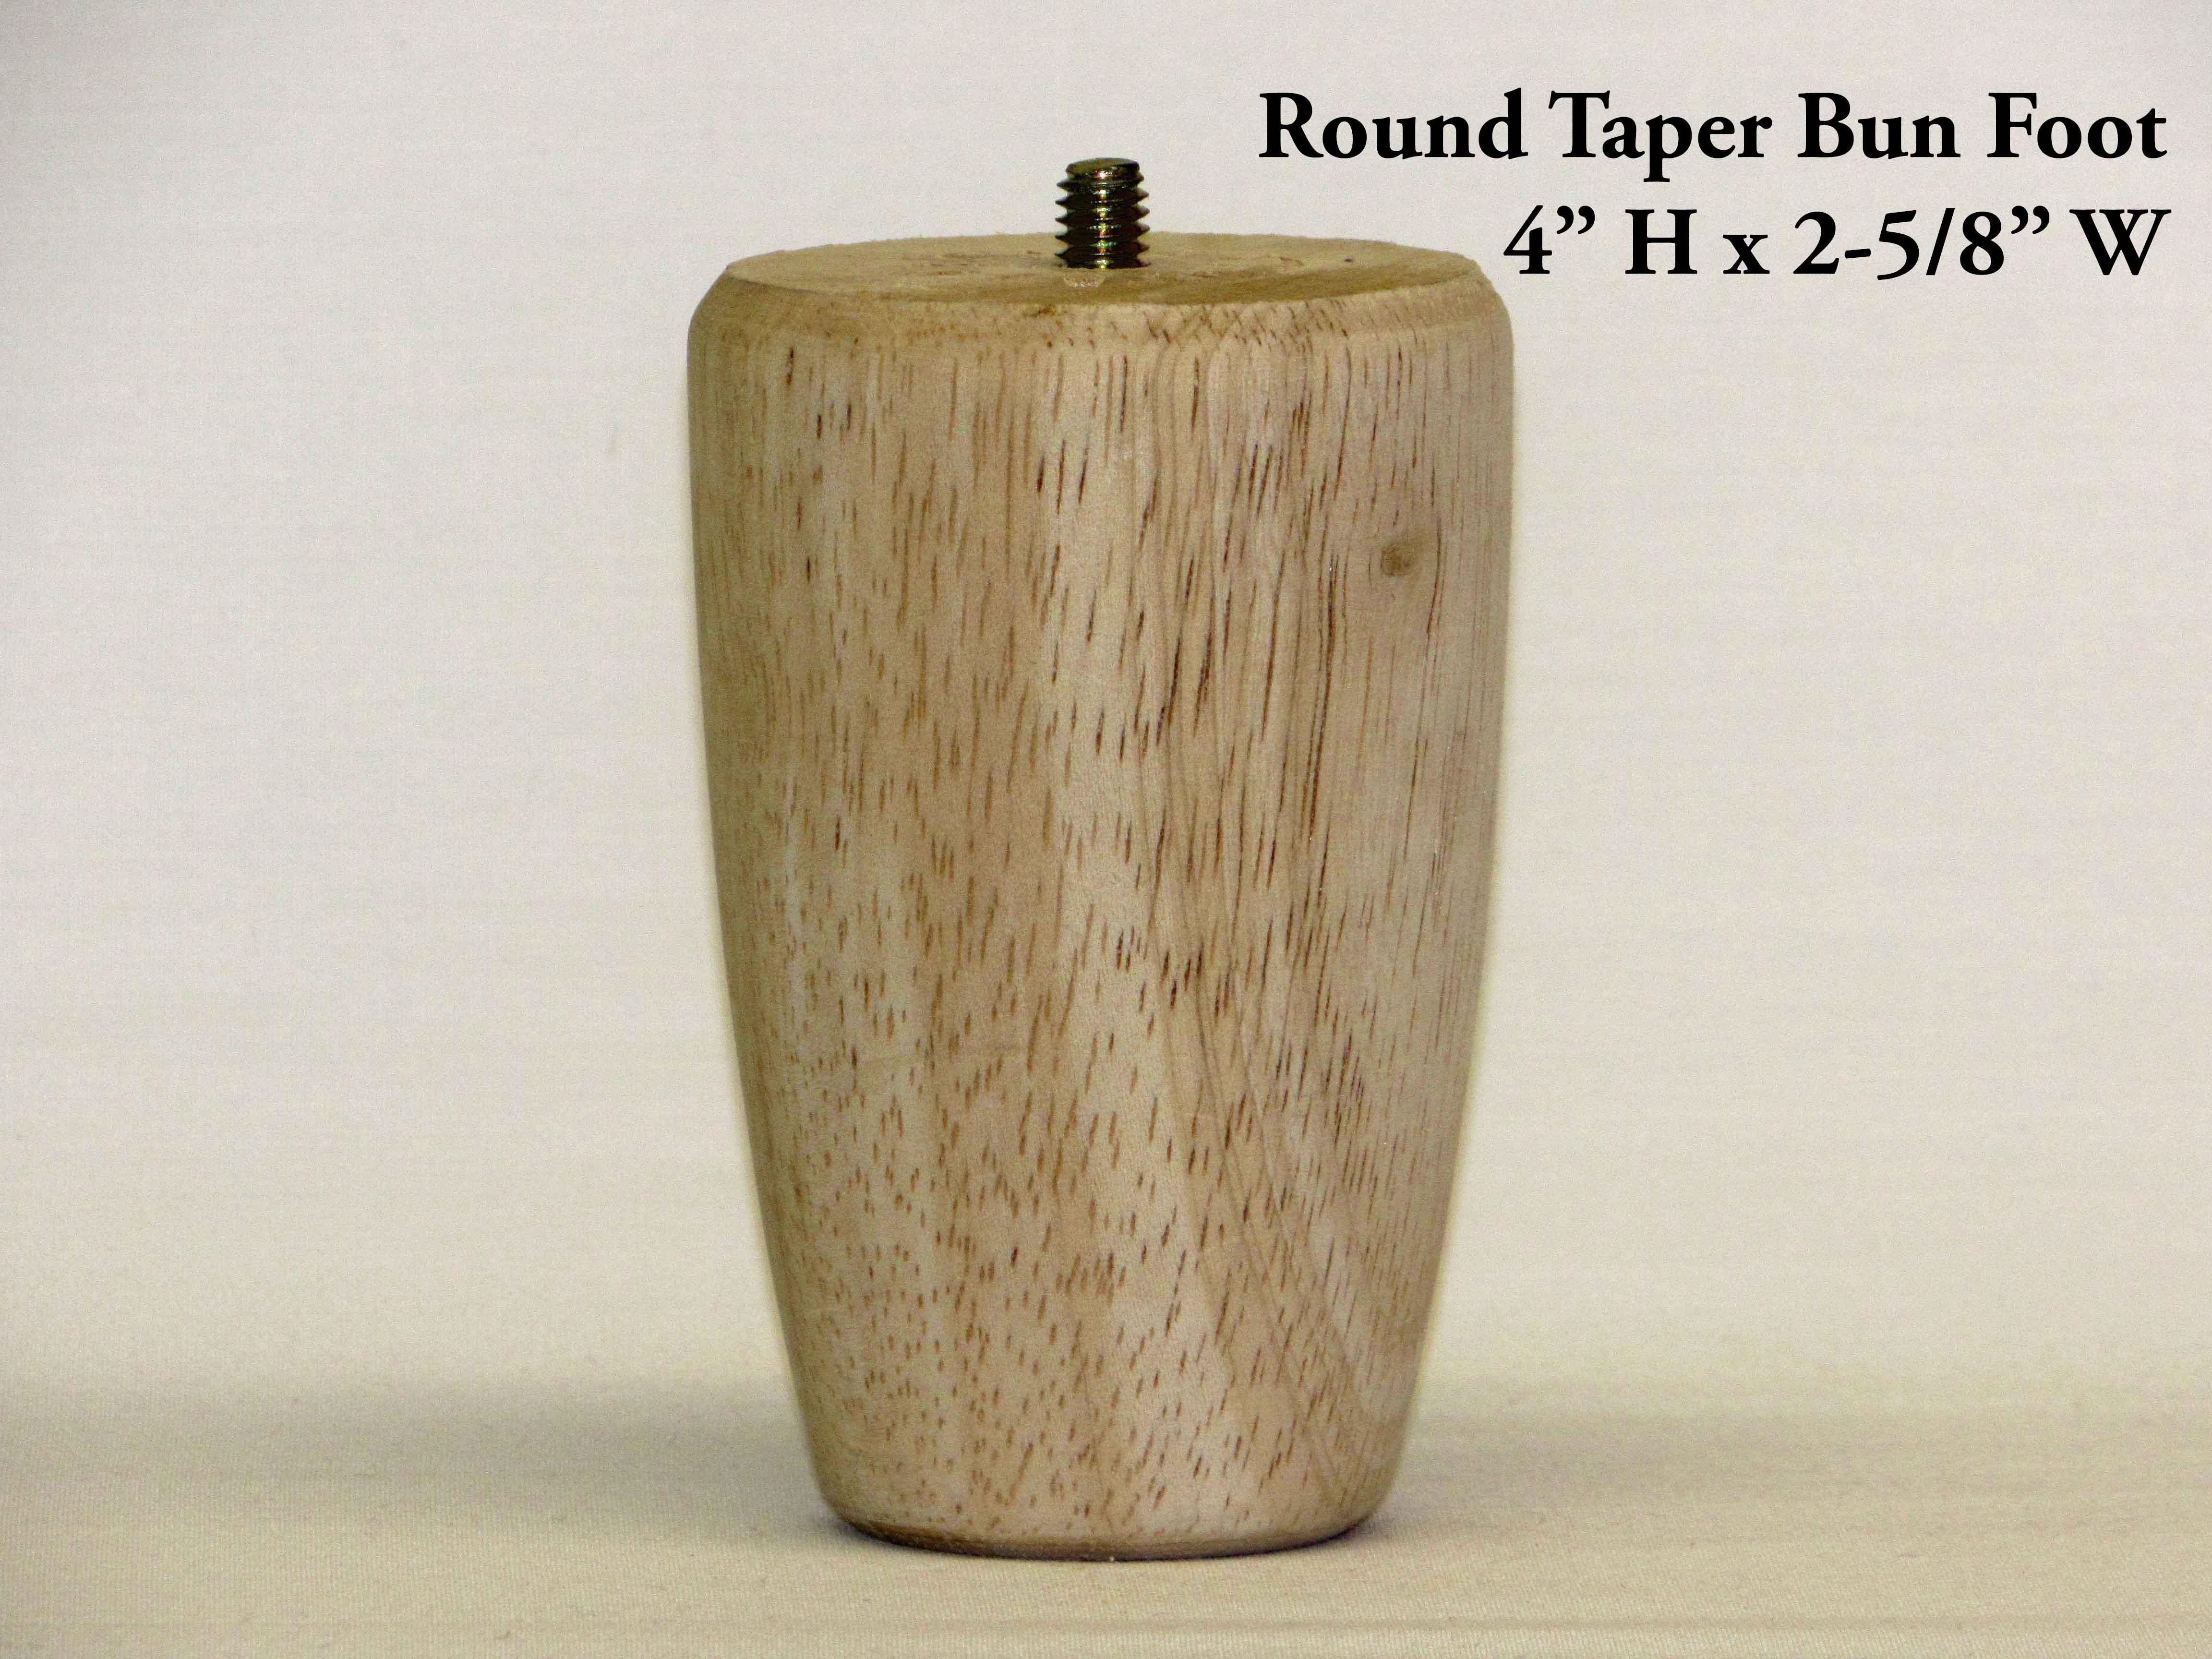 Round Taper Bun Foot Pair Capitol City Lumber